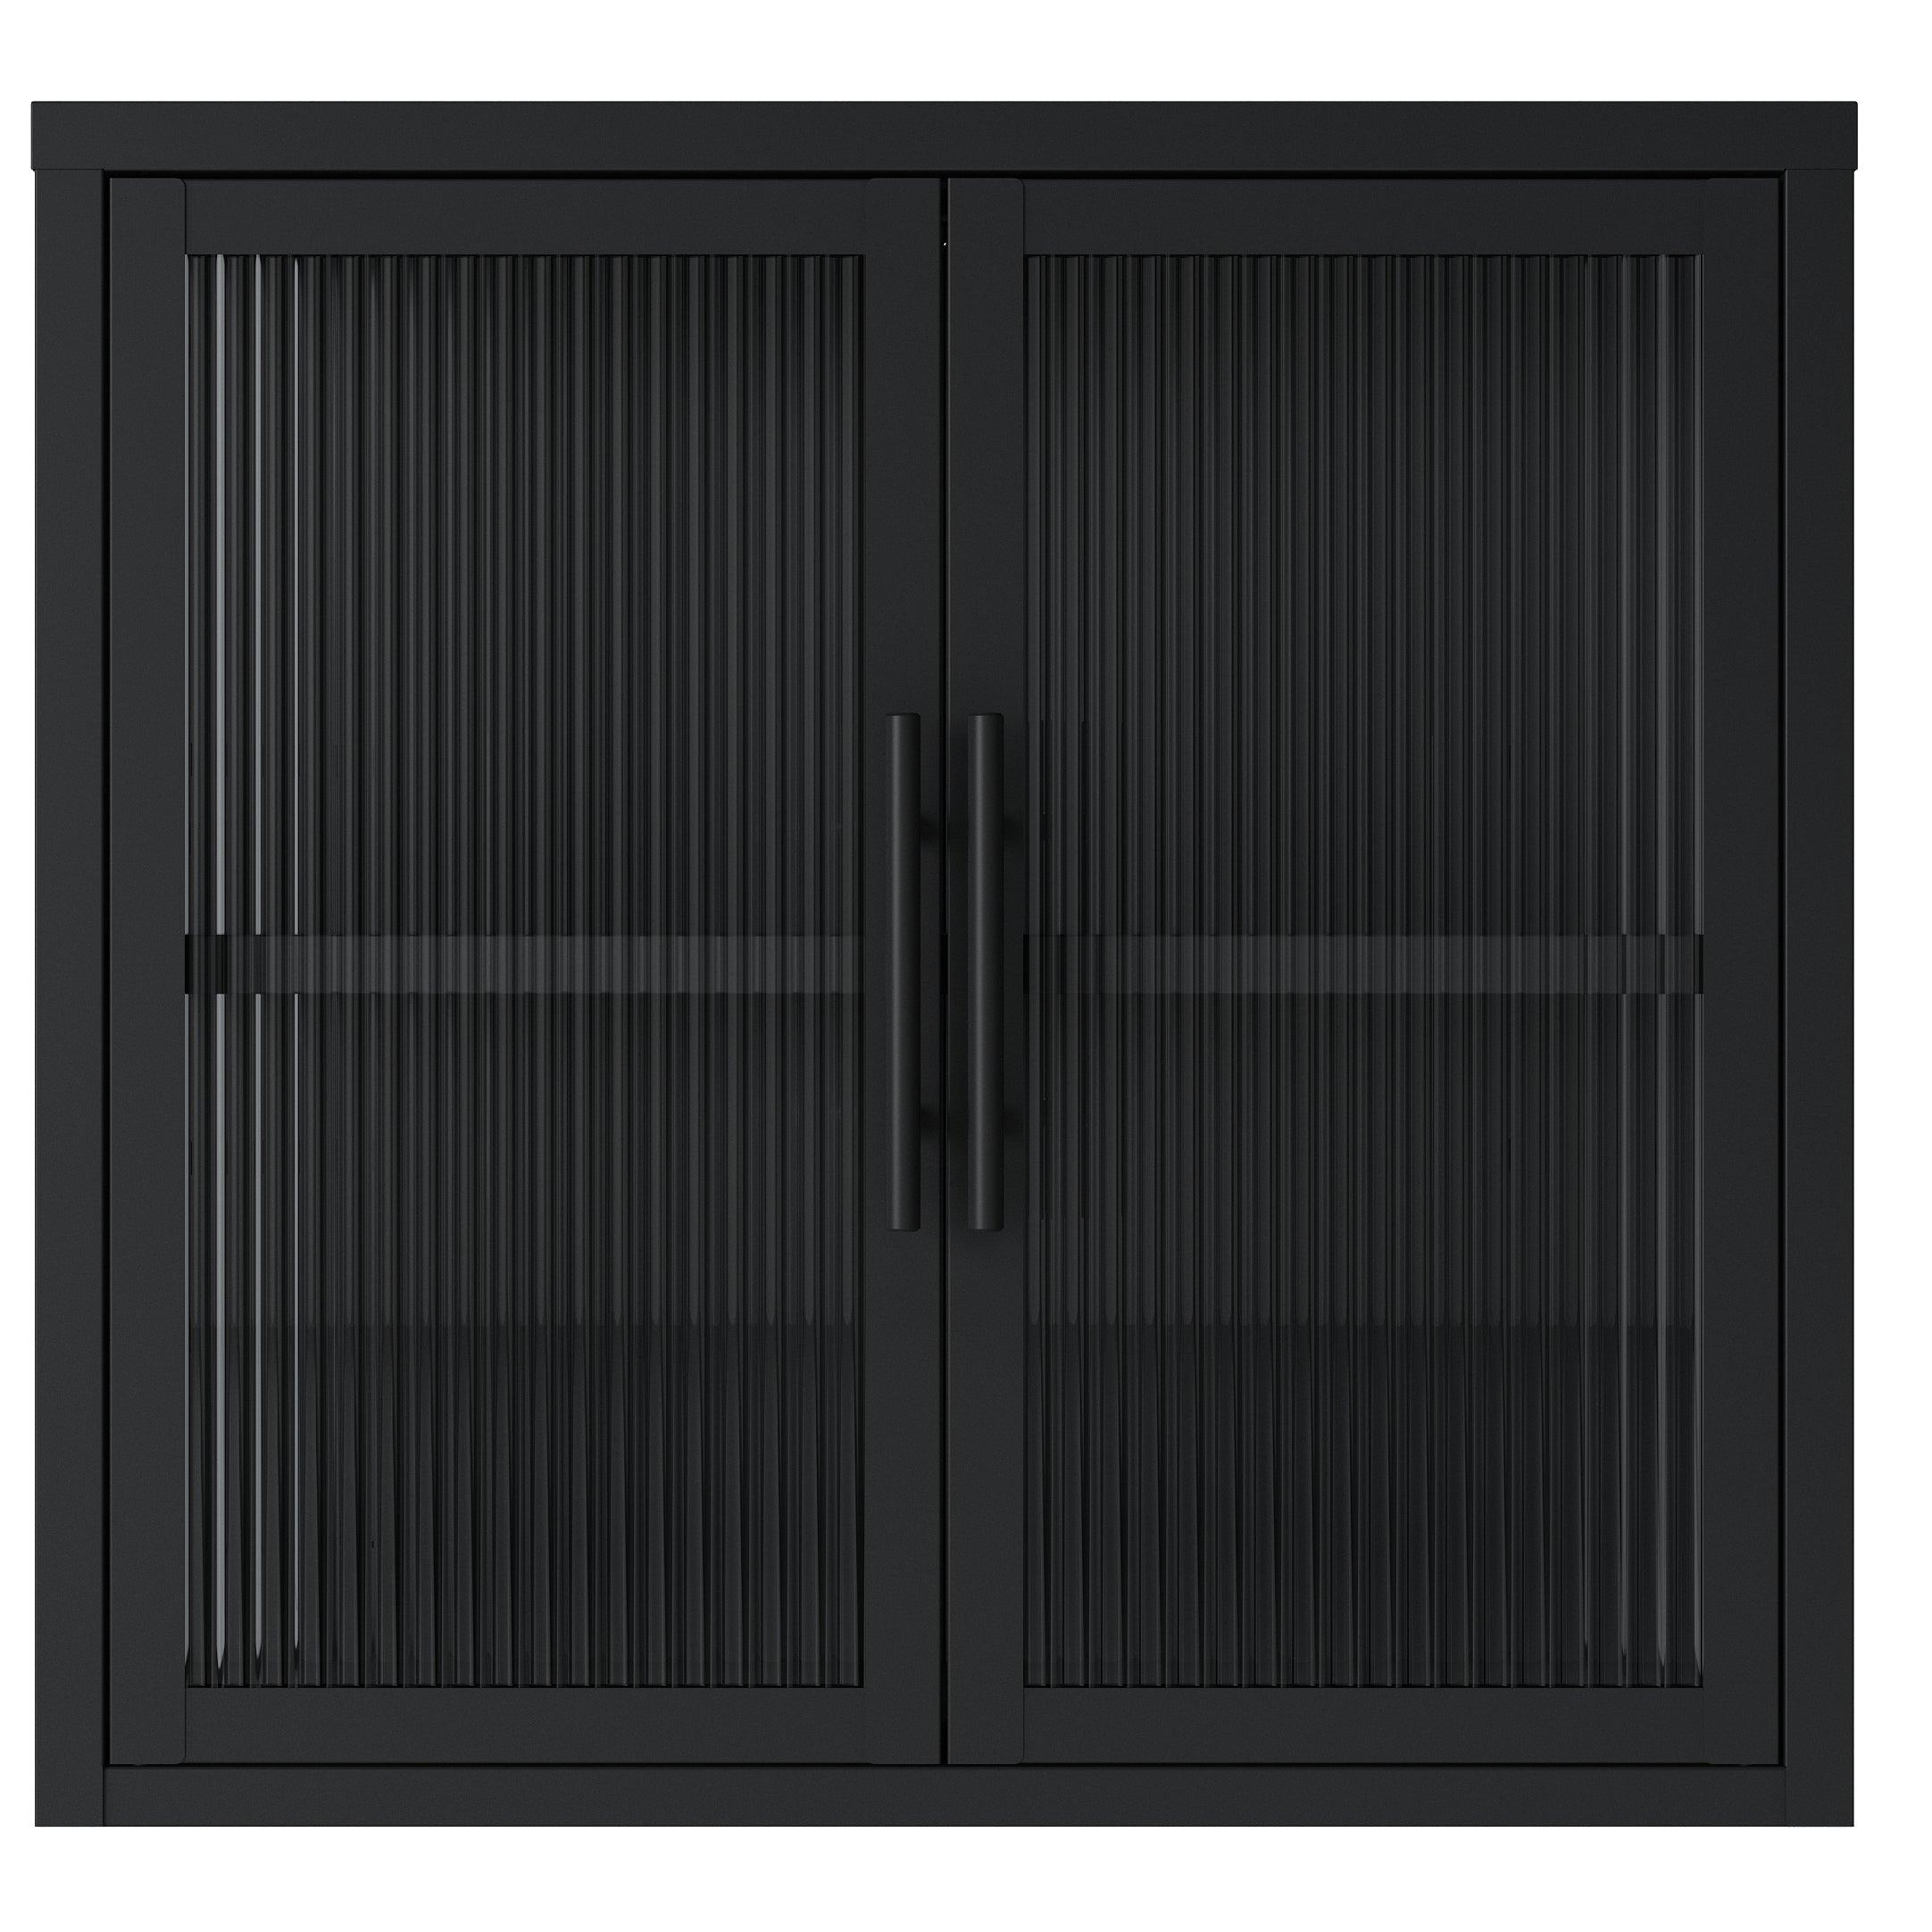 Nimara.dk Reese - Væghængt vitrineskab i sort metal med 2 glaslåger - Riflet glas